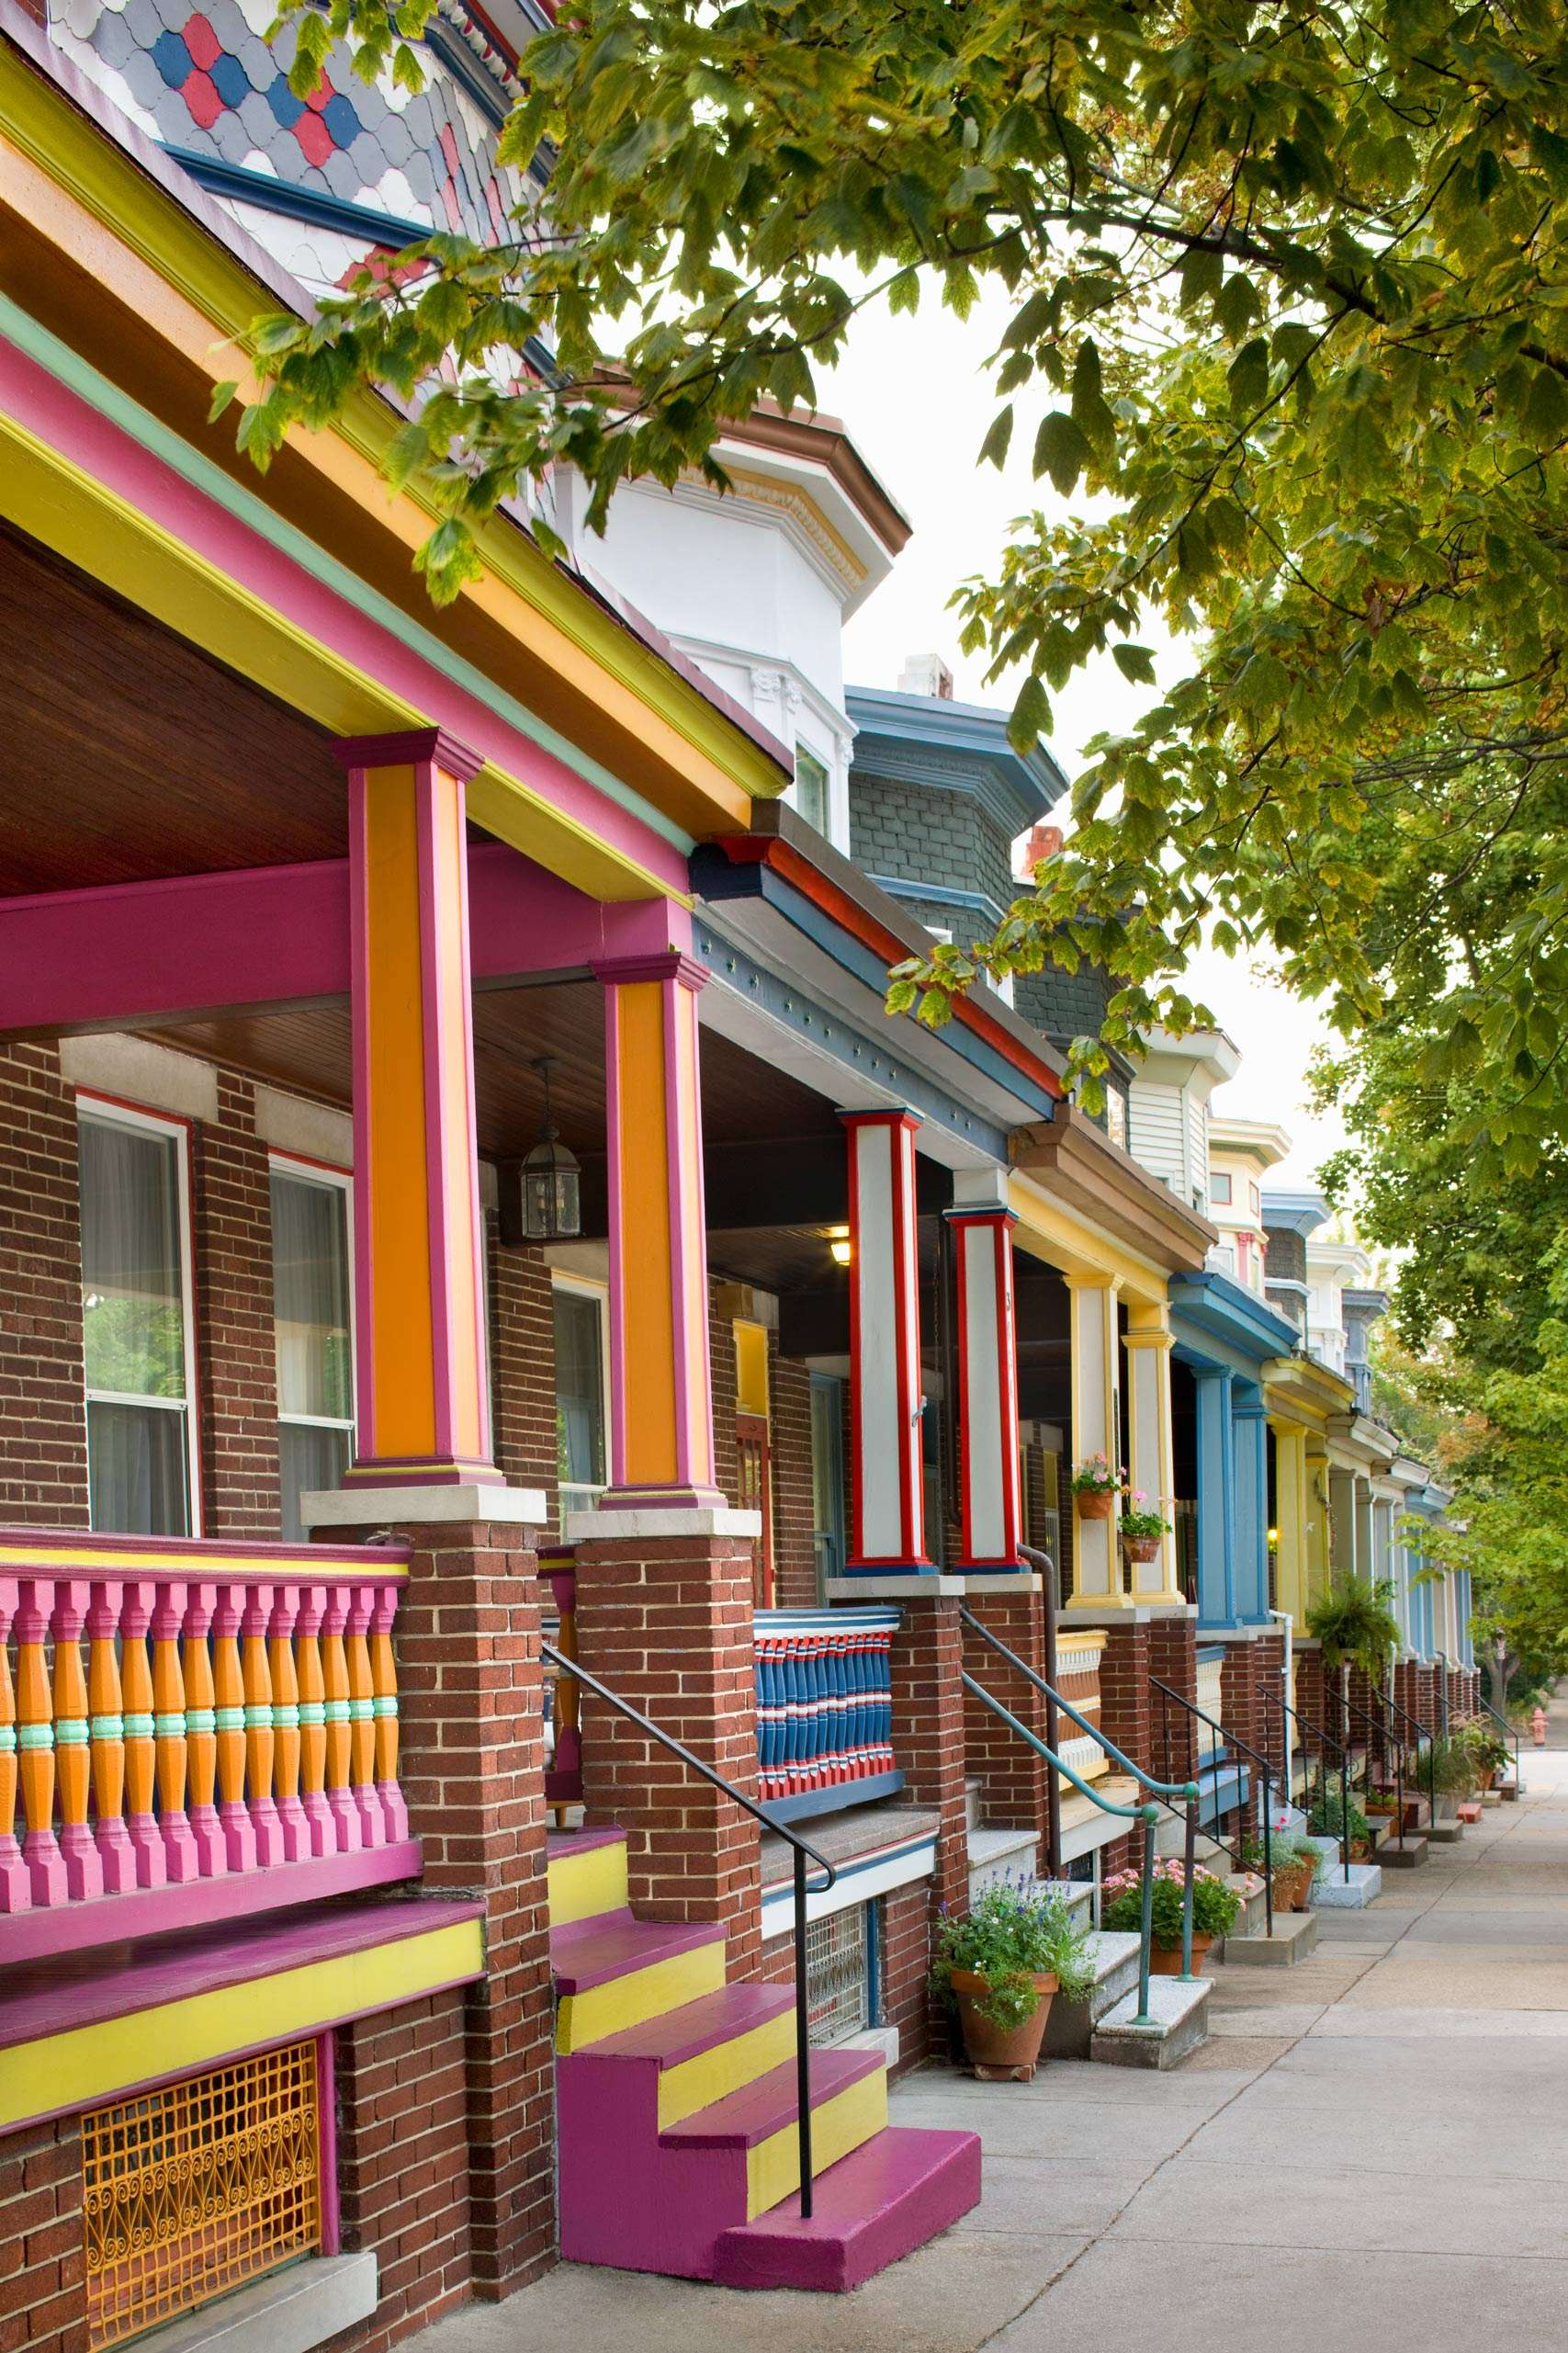 PORTFOLIO - Baltimore - Neighborhoods  #12   PCG621